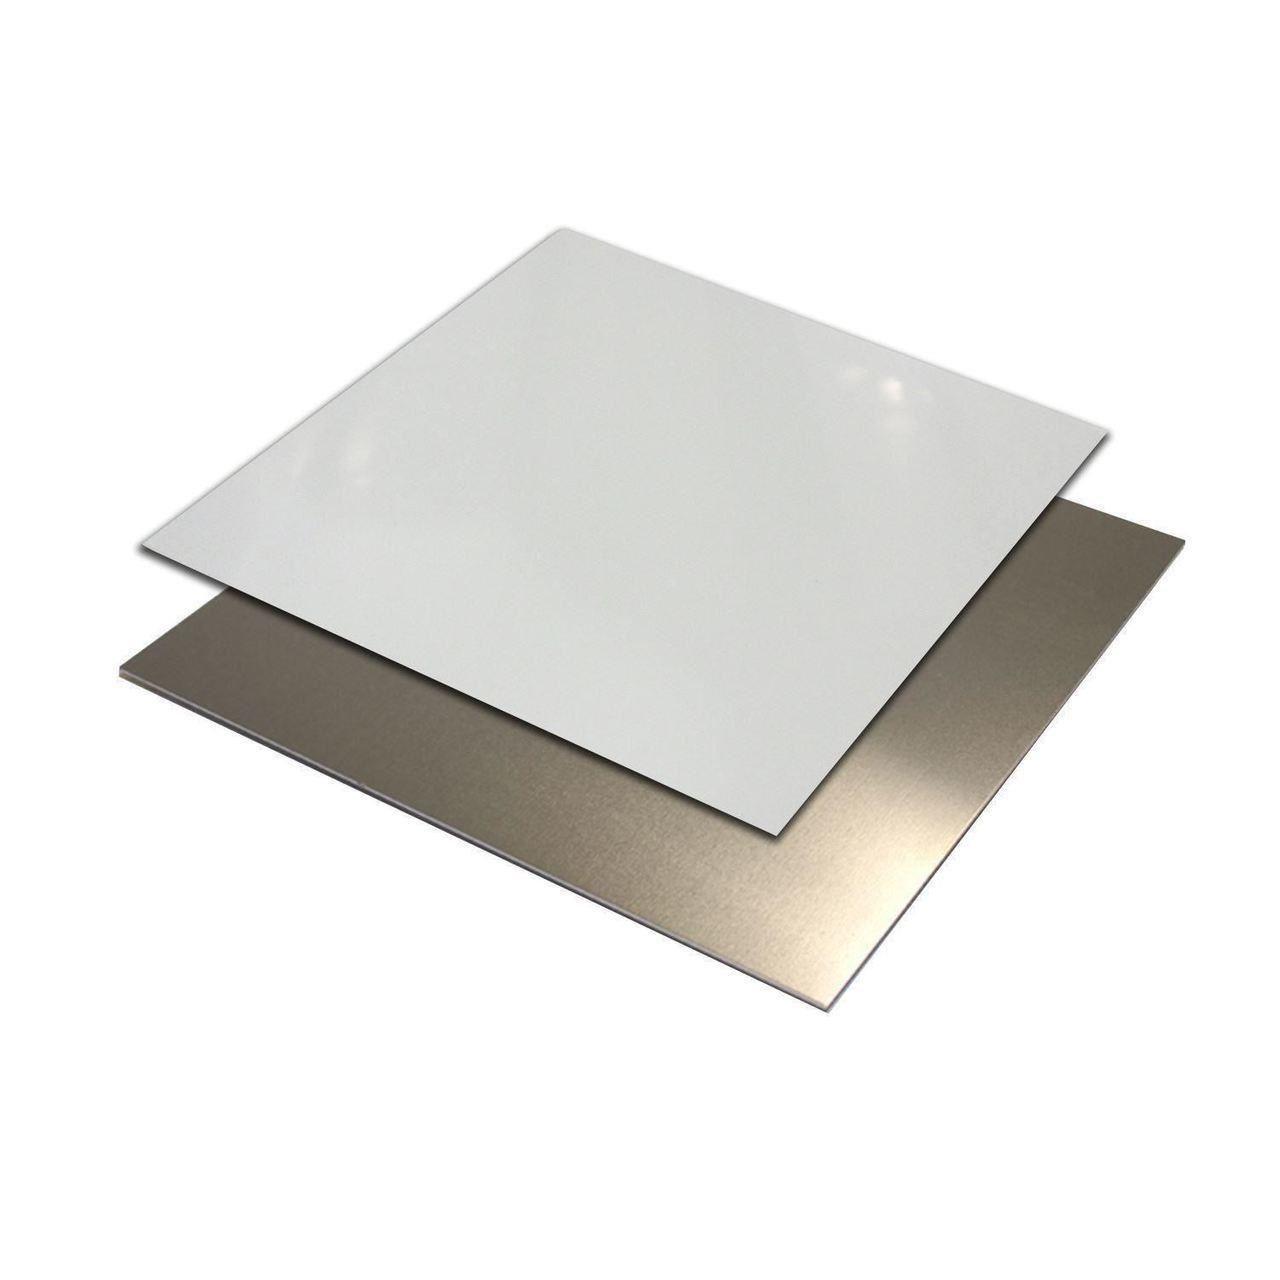 White Aluminum Composite Panel : Aluminum composite sheet sign panel quot